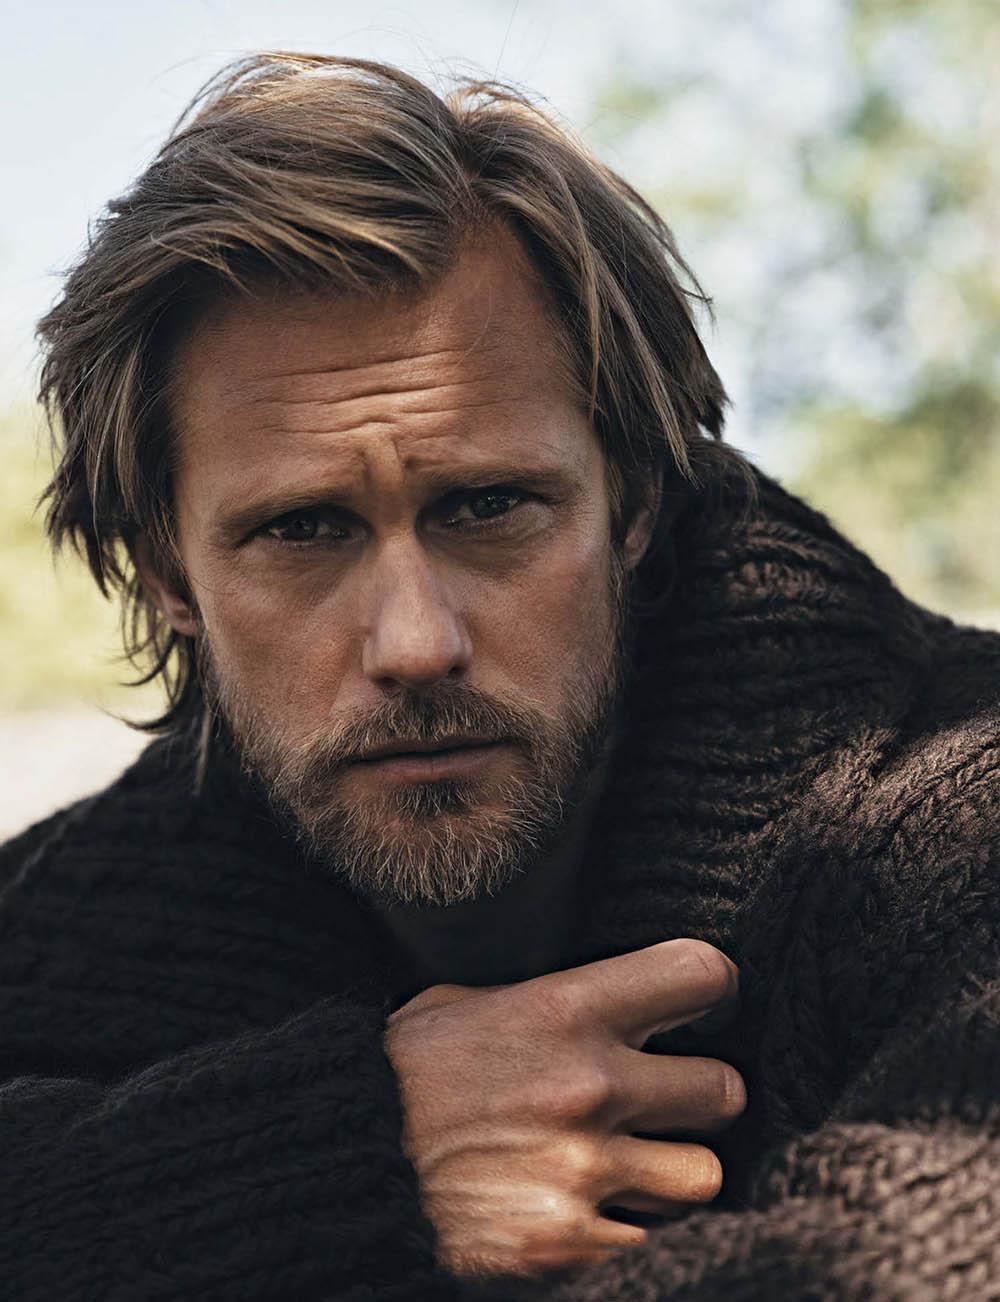 Alexander Skarsgård covers L'Uomo Vogue October 2020 by Johan Sandberg